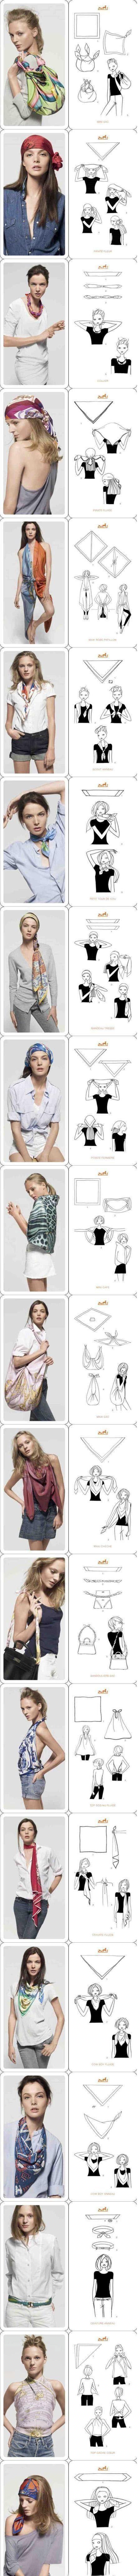 Como usar pañuelos